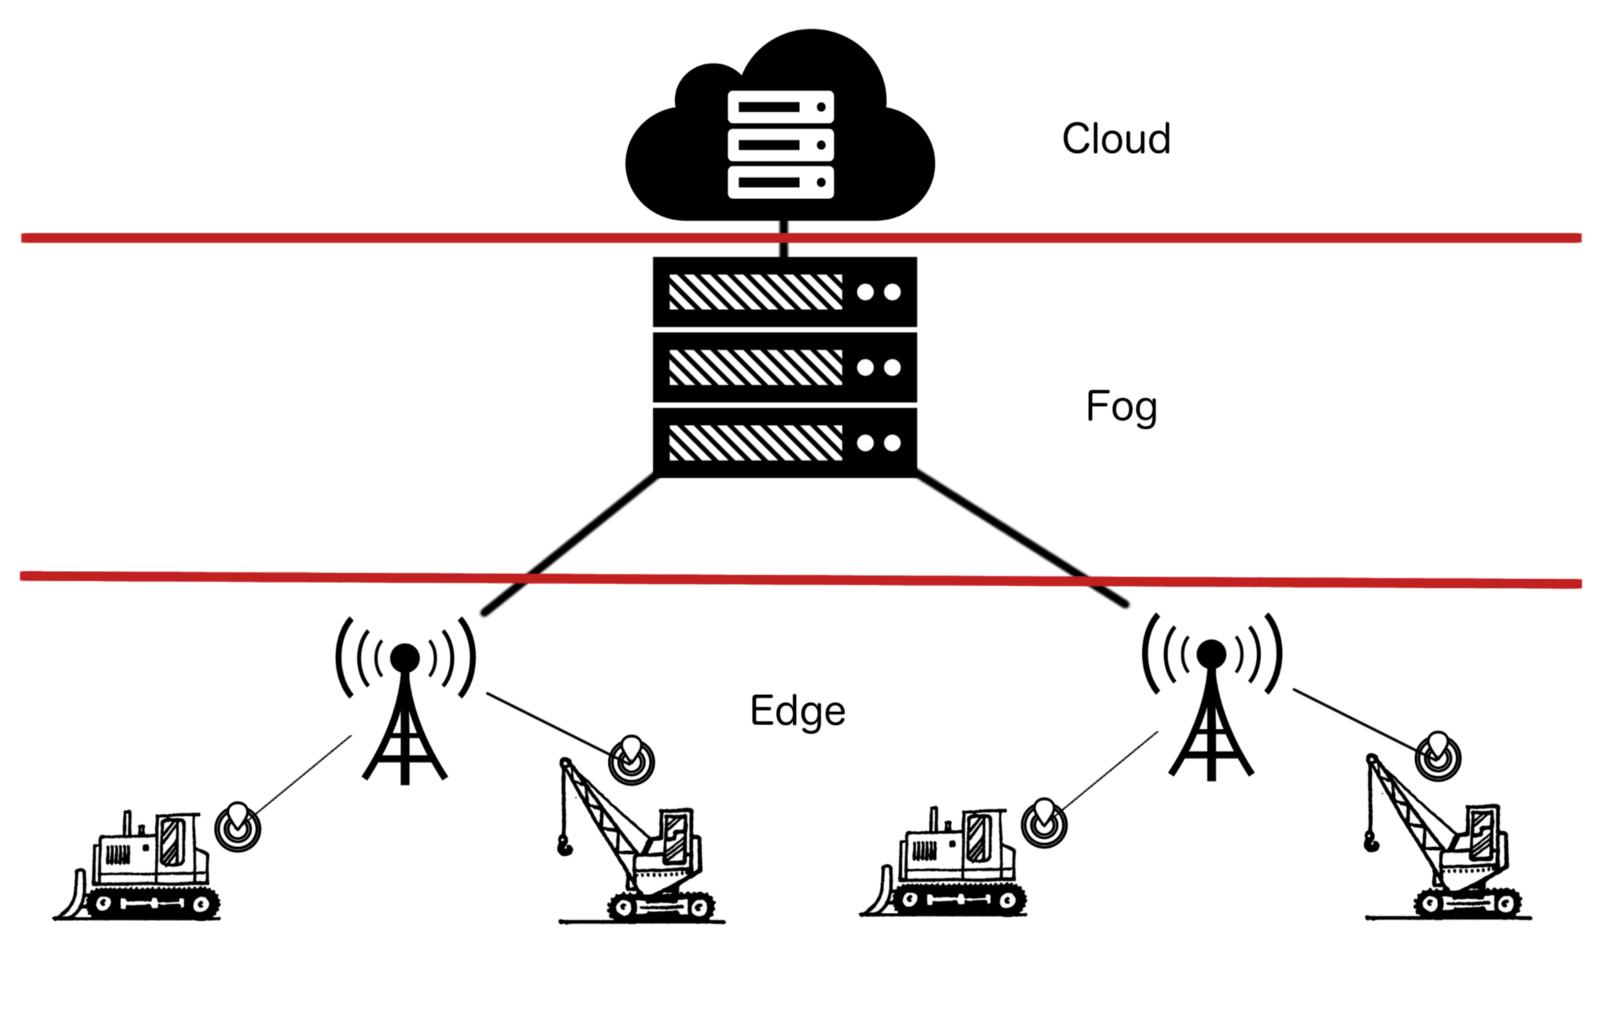 Edge and fog computing